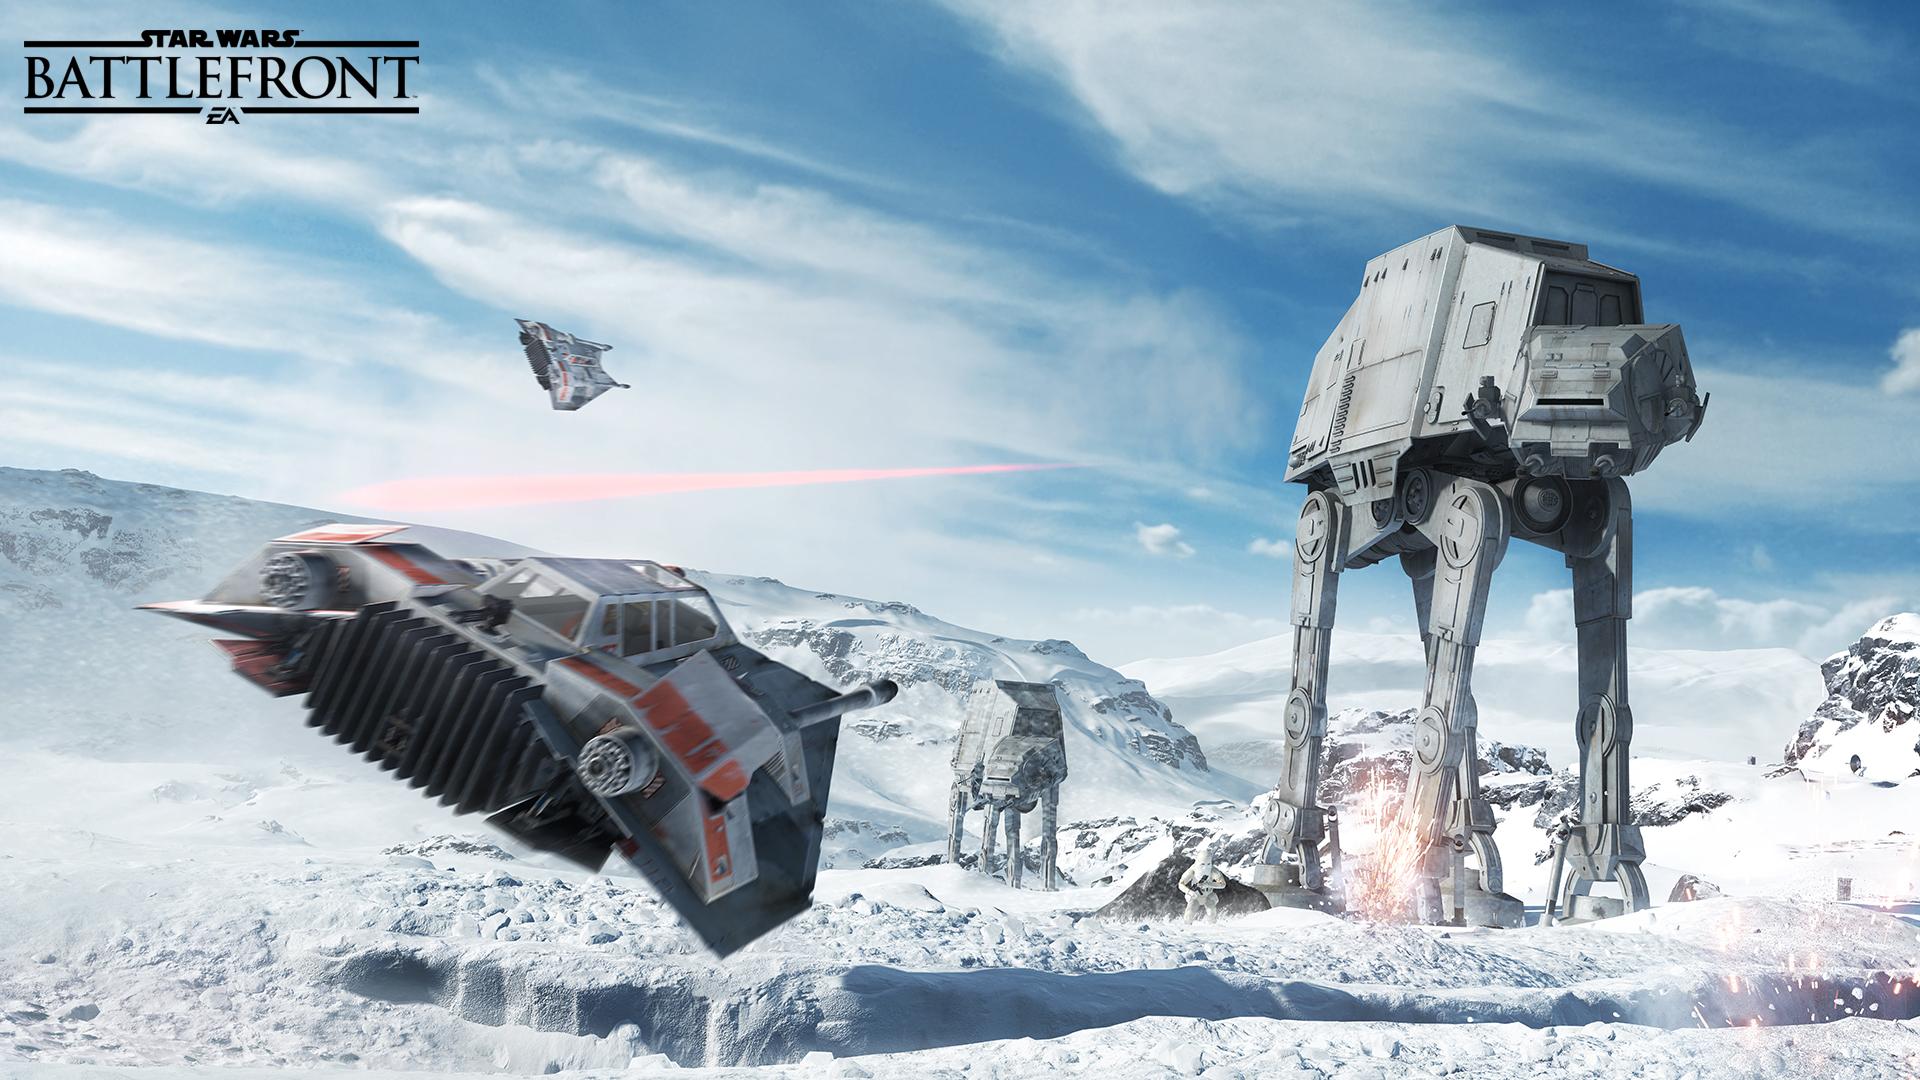 Star Wars Battlefront. Hoth snowspeeder versus AT-AT